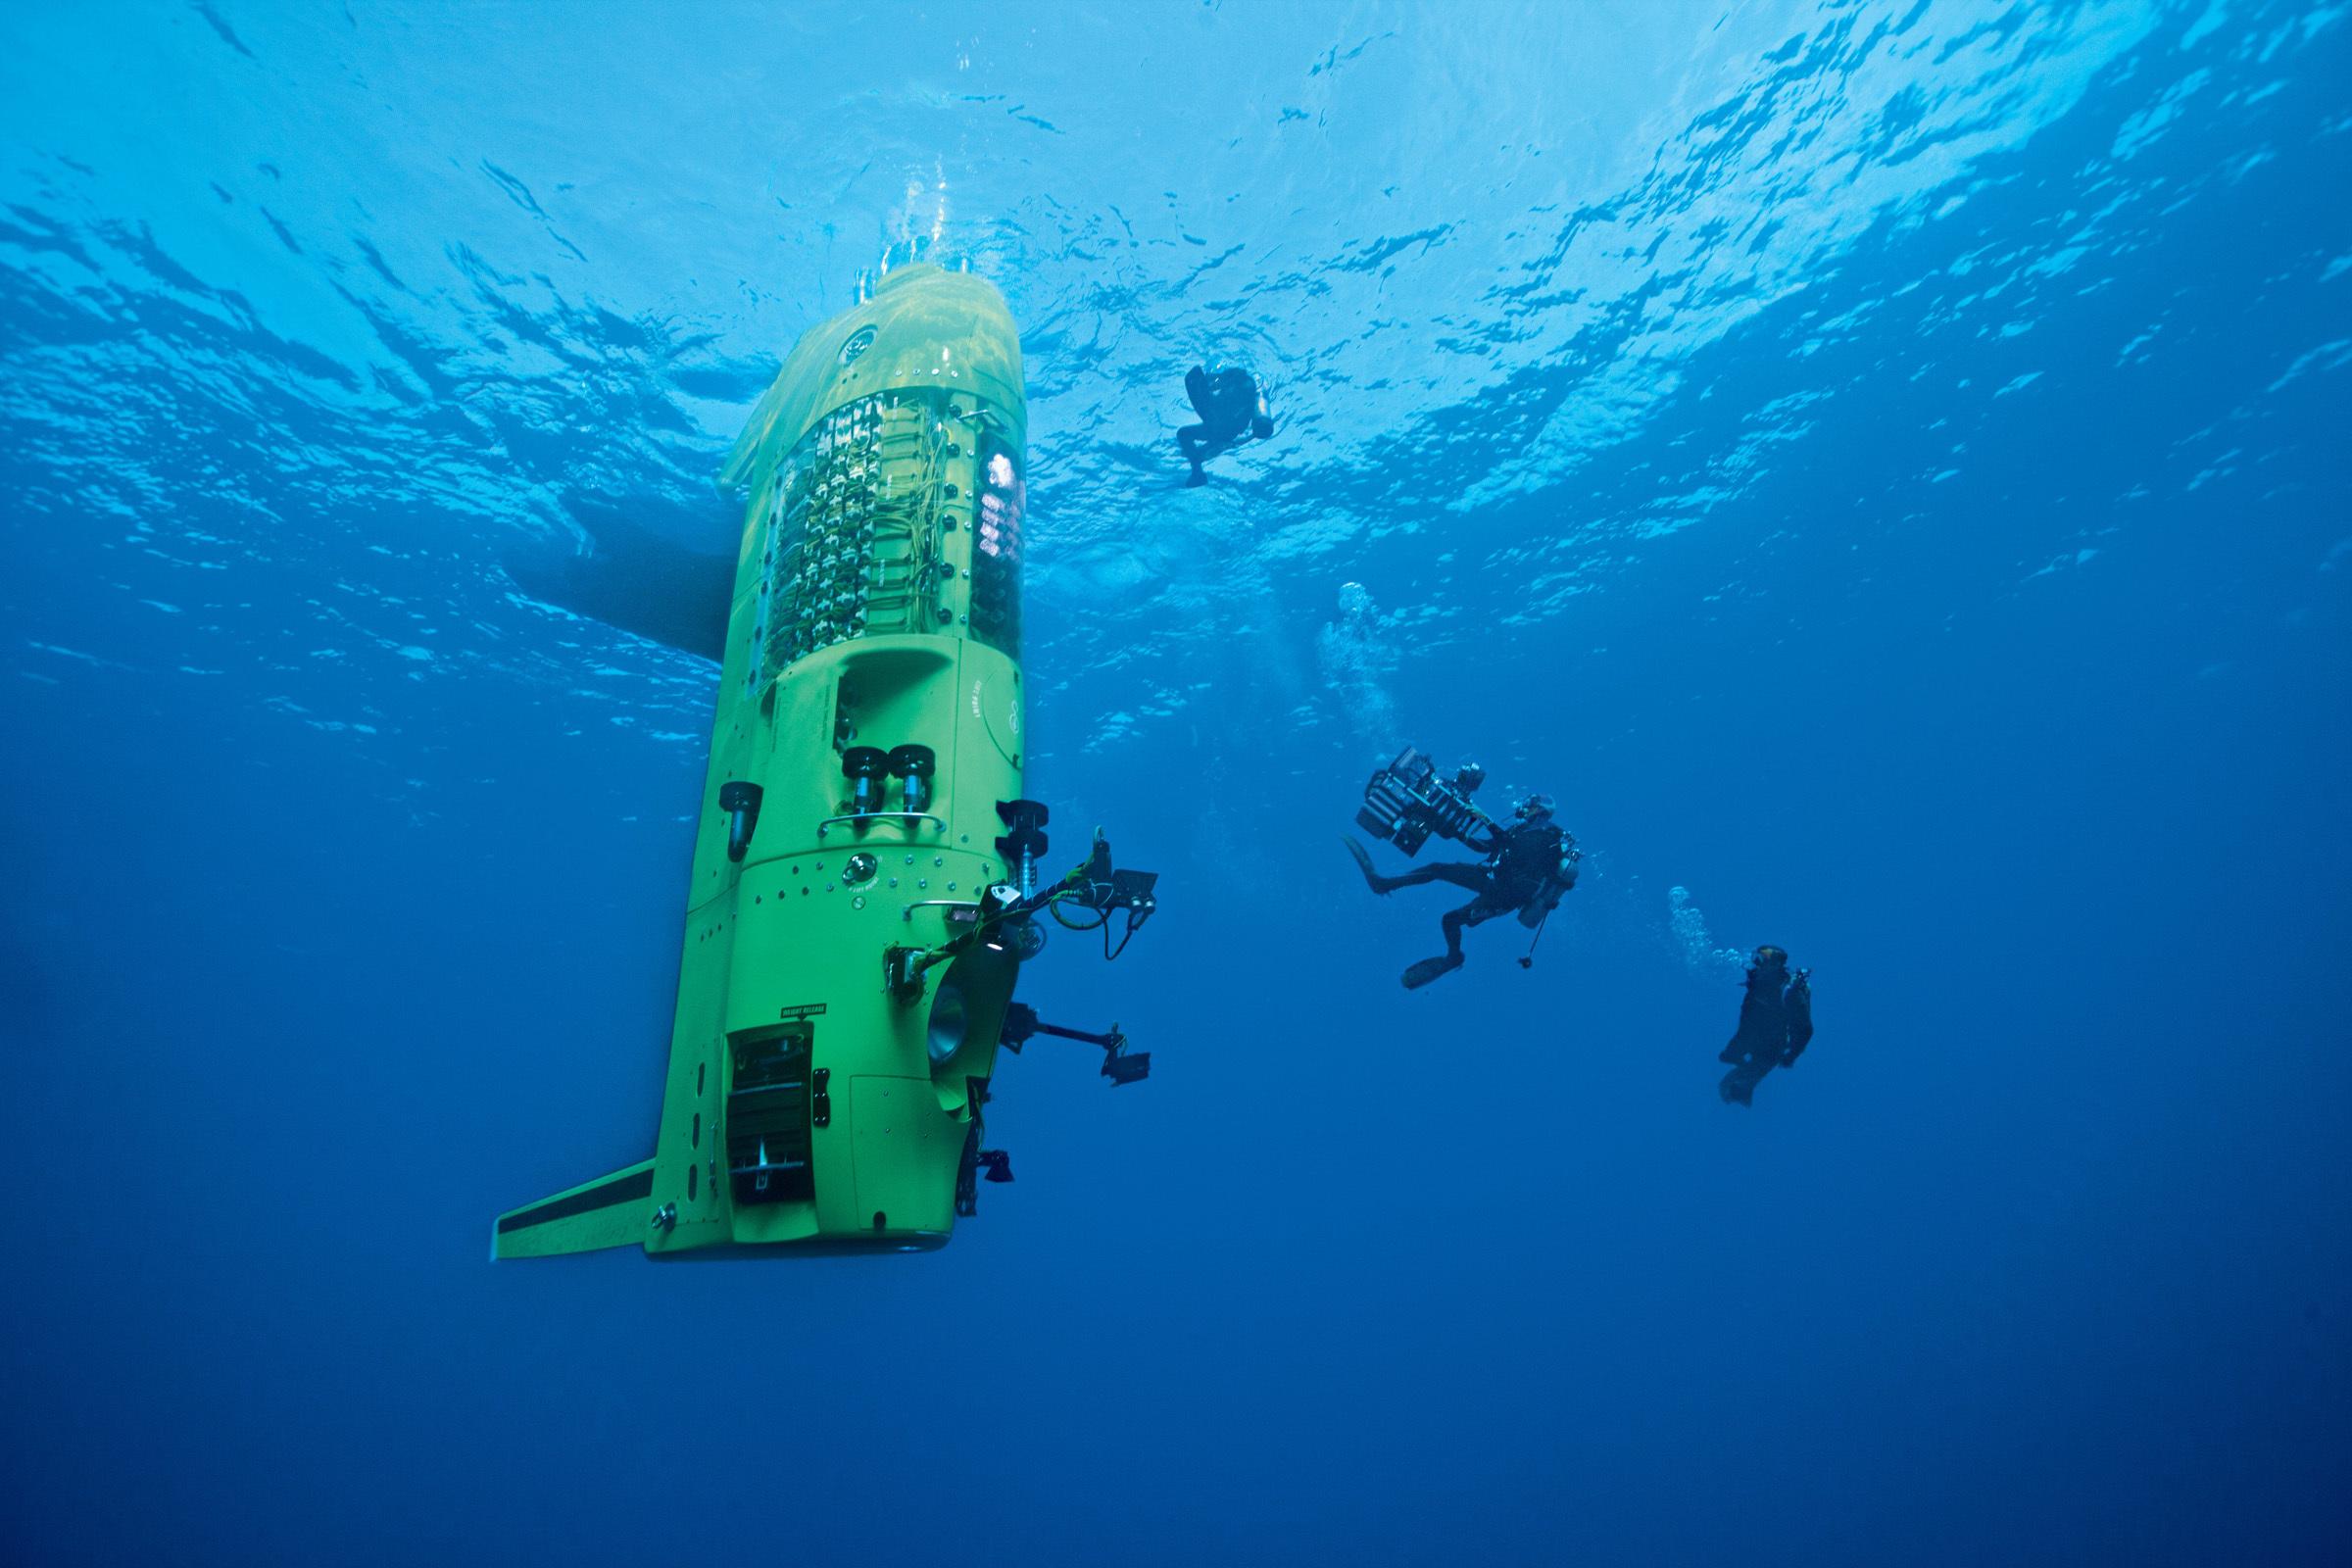 Deepsea_Challenger-1.jpg